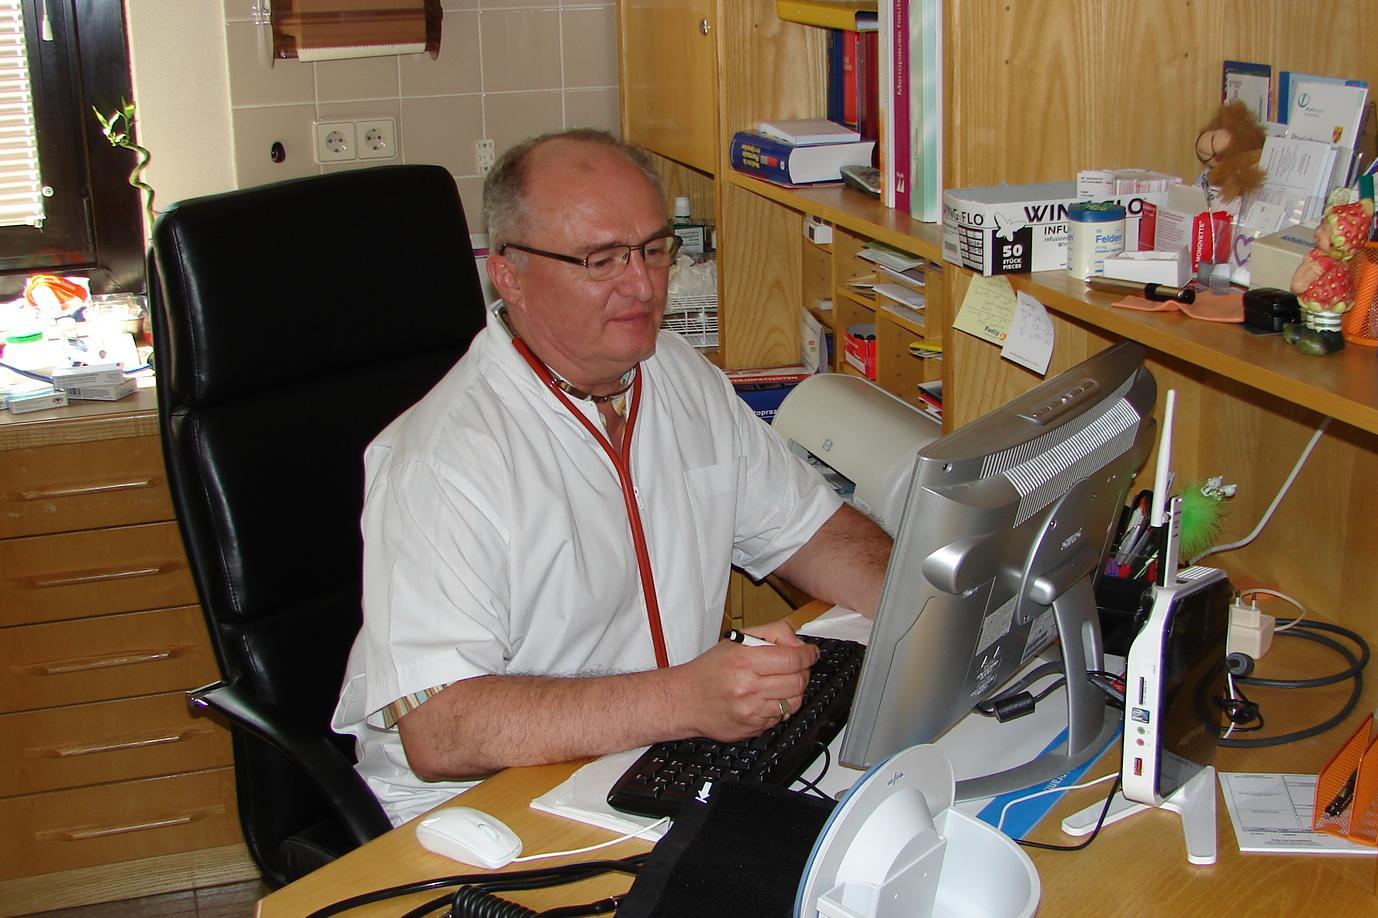 Dr. Tibor Oláh, Praktischer Arzt, Rechnitz